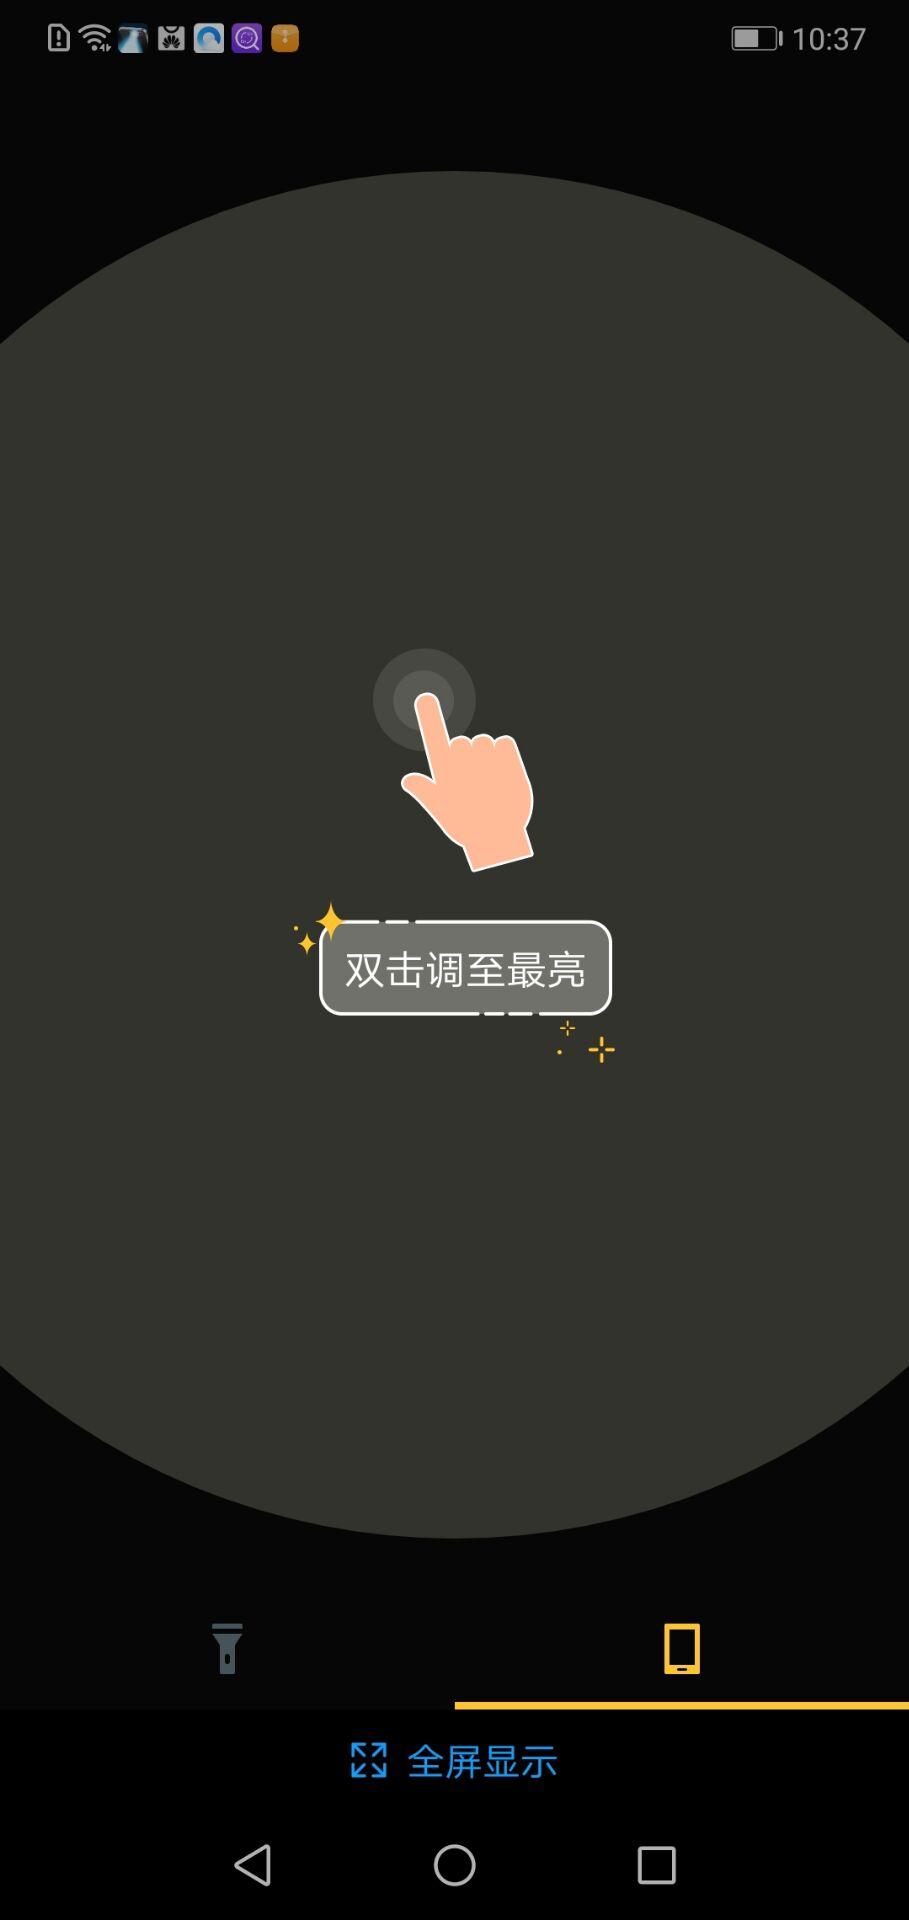 【资源分享】花式手电筒-爱小助